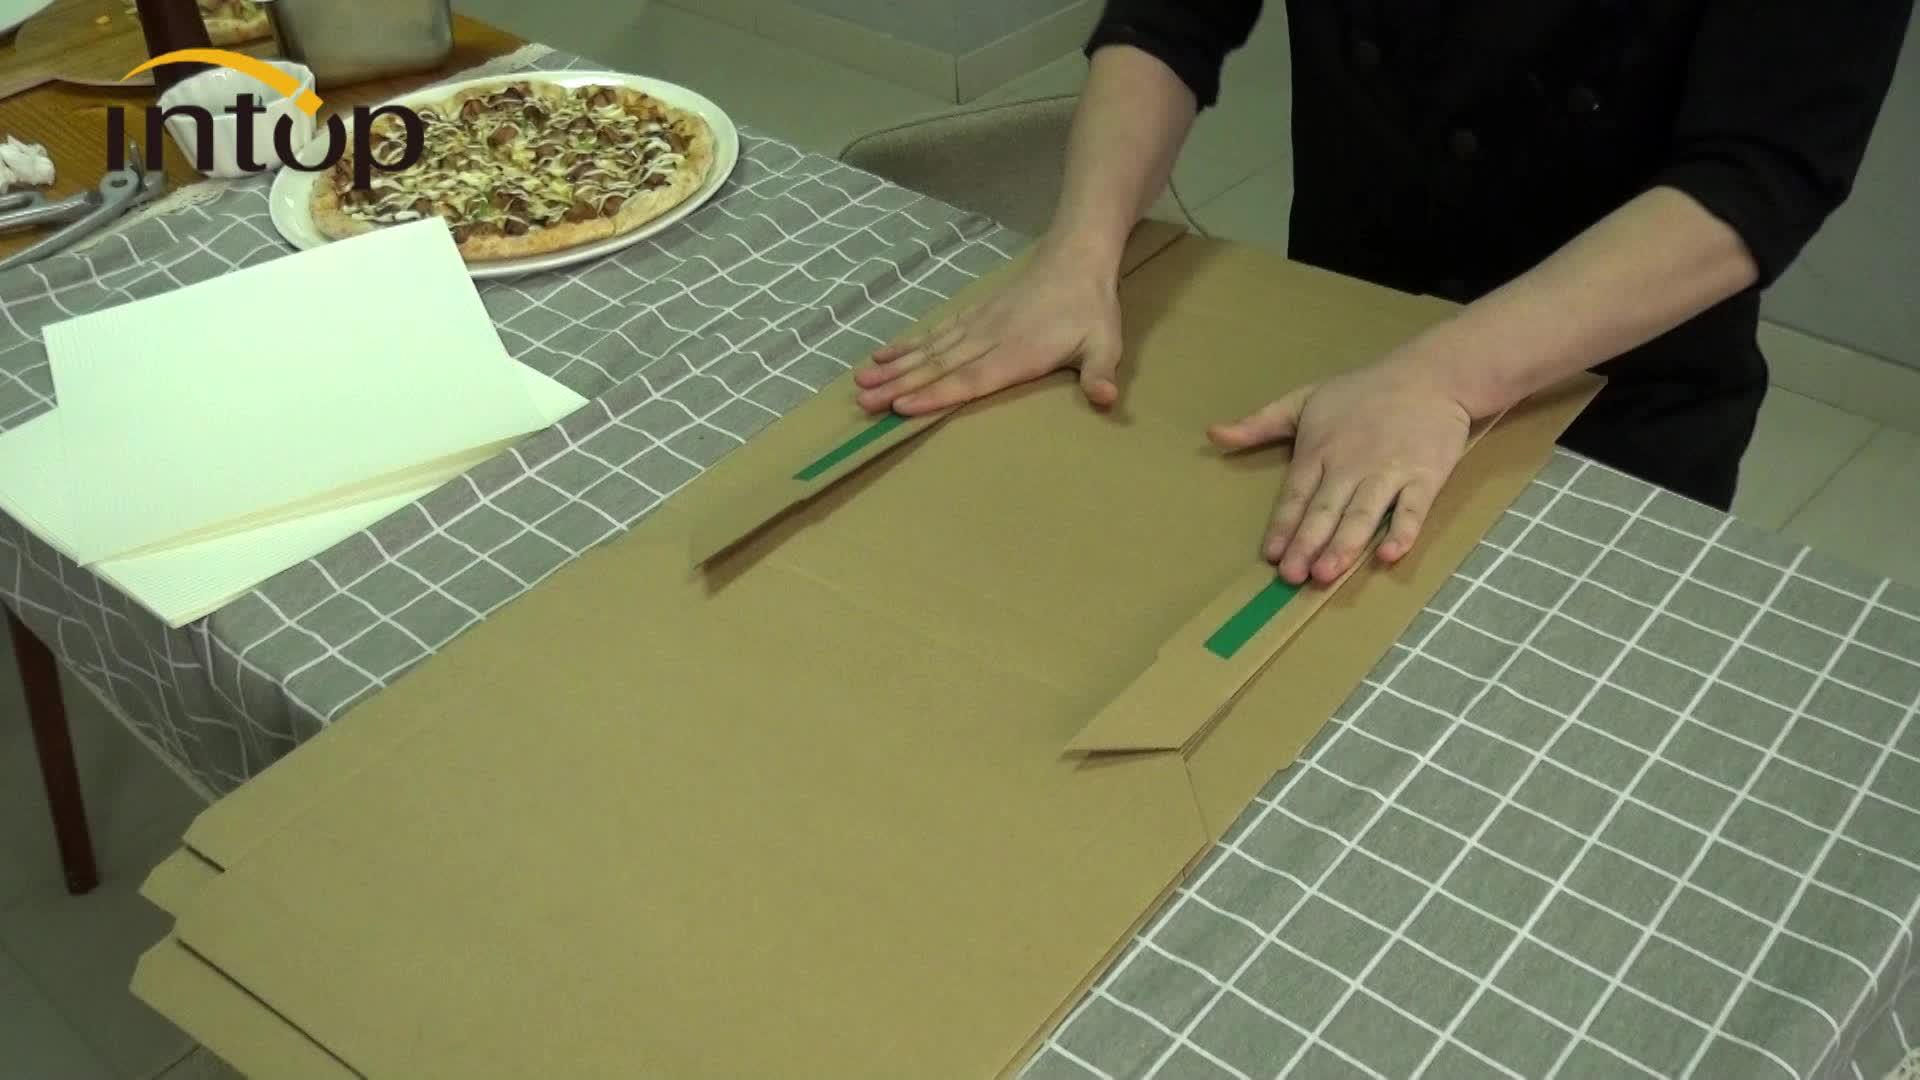 Pizza kutuları gıda sınıfı kraft hamuru kutuları. 4 cm yüksek ve 100 kutuları özelleştirilebilir. Var 9,10, 1214 kutu stokta.